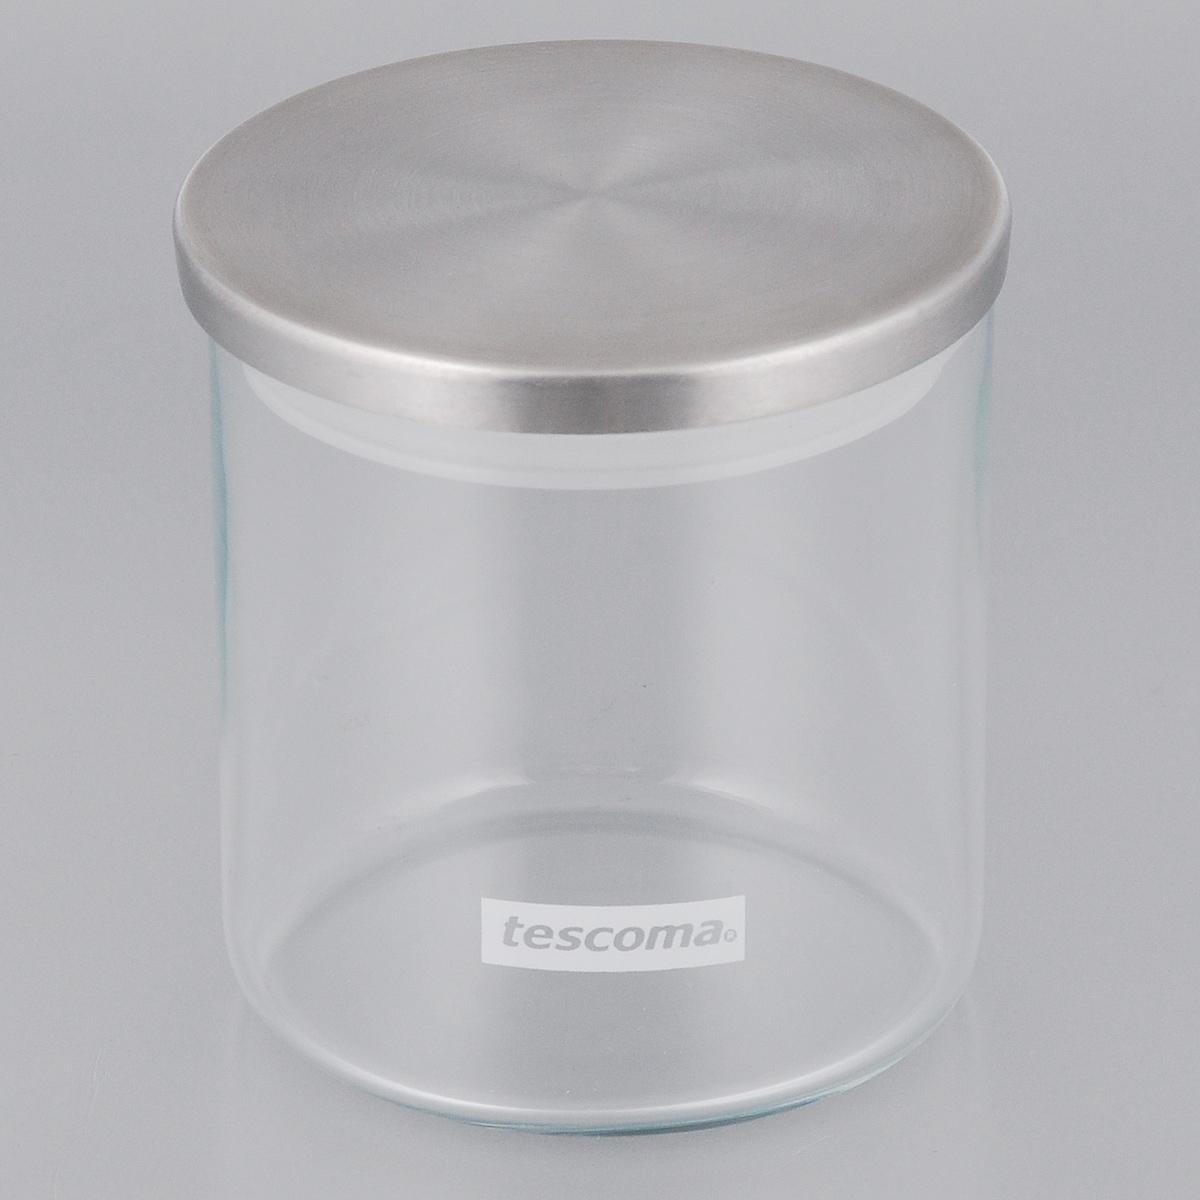 Емкость для специй Tescoma Monti, цвет: прозрачный, металлик, 0,5 лVT-1520(SR)Емкость для специй Tescoma Monti, изготовленная из прочного боросиликатного стекла, позволит вам хранить разнообразные специи. Емкость оснащена плотно прилегающей крышкой, изготовленной из первоклассной нержавеющей стали и прочной пластмассы и снабженная силиконовой прокладкой. Емкость для хранения специй станет незаменимым помощником на кухне.Можно мыть в посудомоечной машине, крышку - нельзя. Диаметр по верхнему краю: 9,5 см.Диаметр дна: 9 см.Высота без учета крышки: 10 см.Высота с учетом крышки: 10,5 см.Объем: 0,5 л.